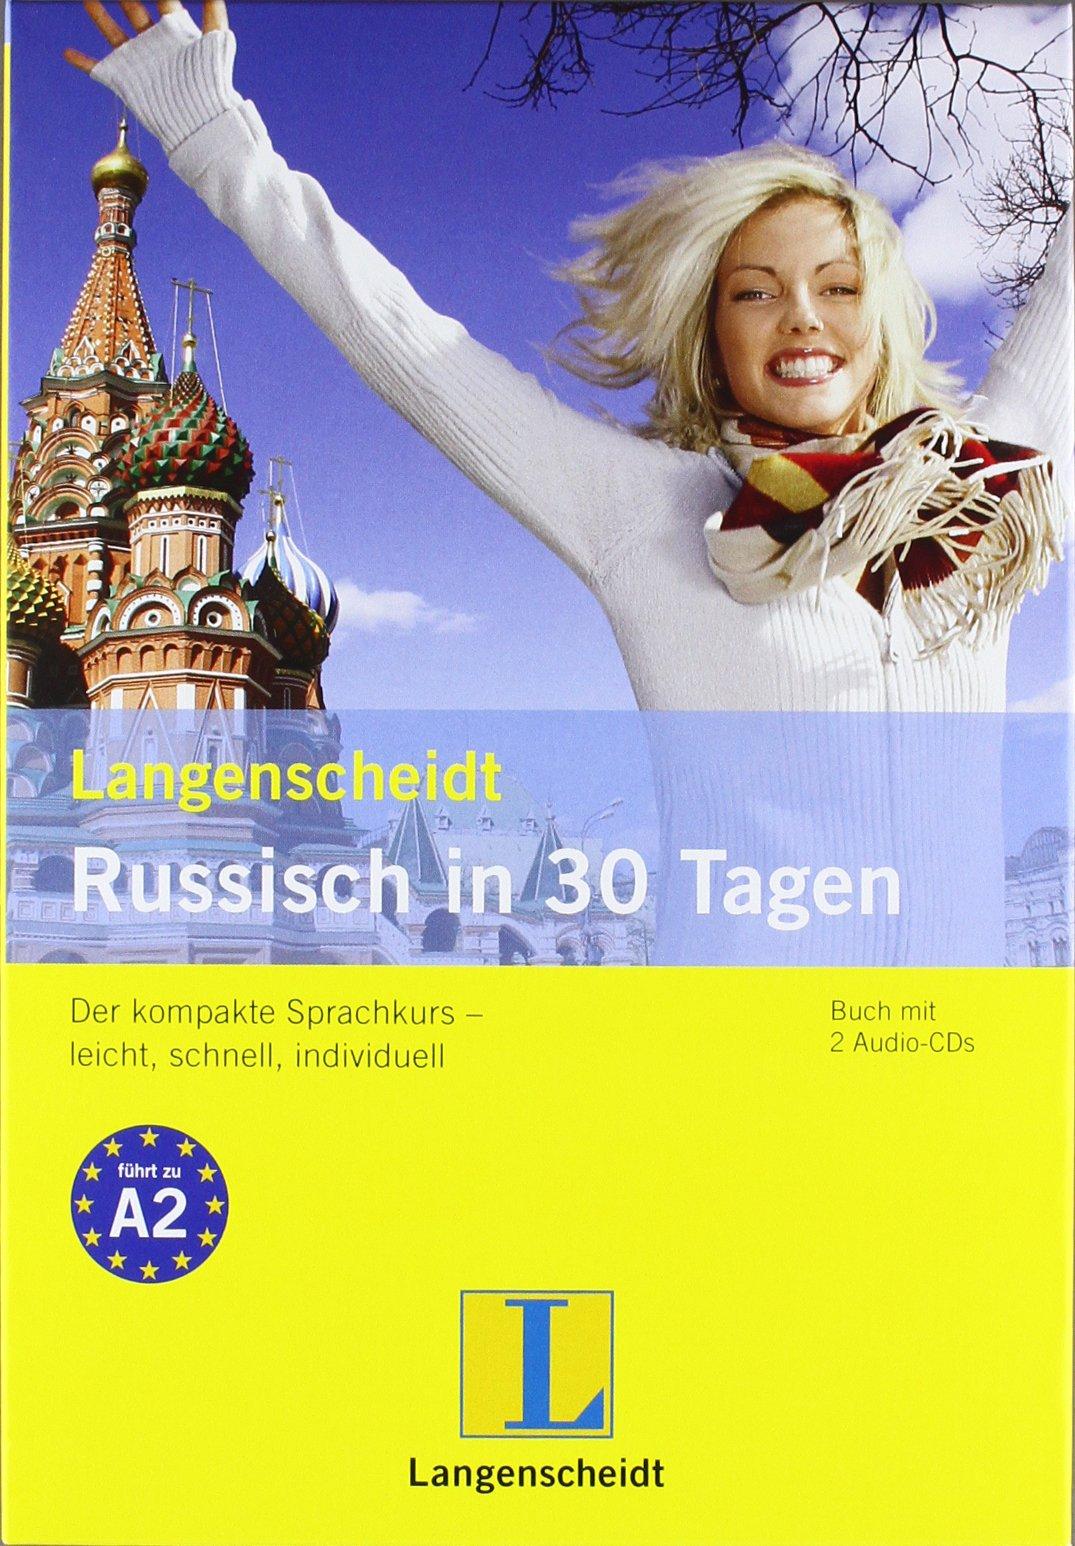 """Langenscheidt Russisch in 30 Tagen - Buch, 2 Audio-CDs: Der kompakte Sprachkurs - leicht, schnell, individuell (Langenscheidt Selbstlernkurse """"... in 30 Tagen"""")"""